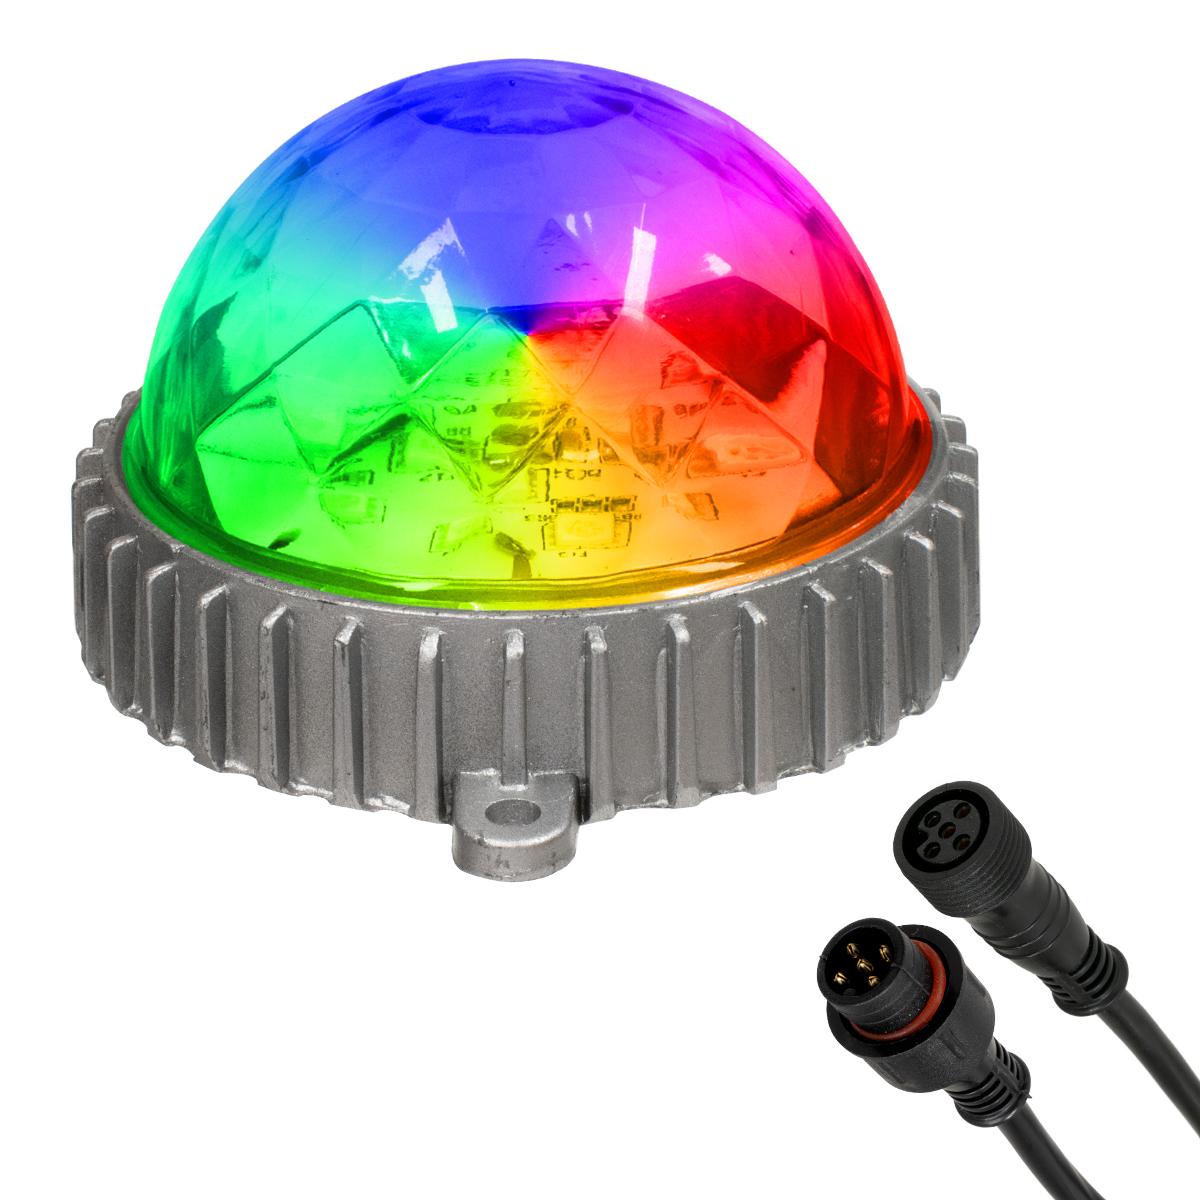 globostar-30547-psifiako-led-module-genius-dmx512-addressable-5w-400-lm-320-dc-24v-adiavroho-ip68-rgb-f12-x-i7cm